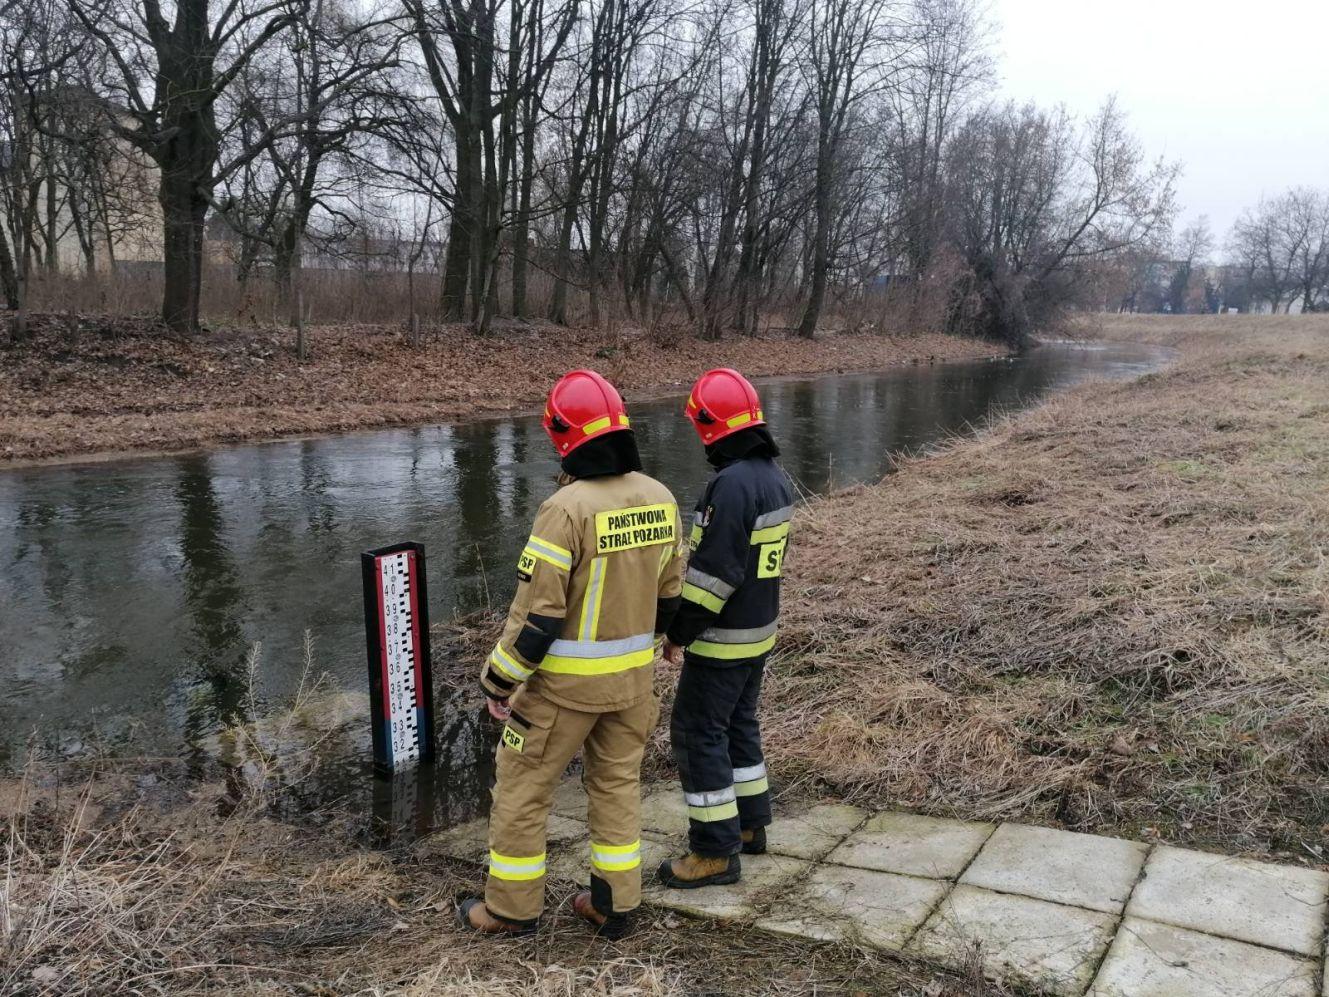 [FOTO] Strażacy monitorują Ochnię: jaka jest sytuacja? - Zdjęcie główne